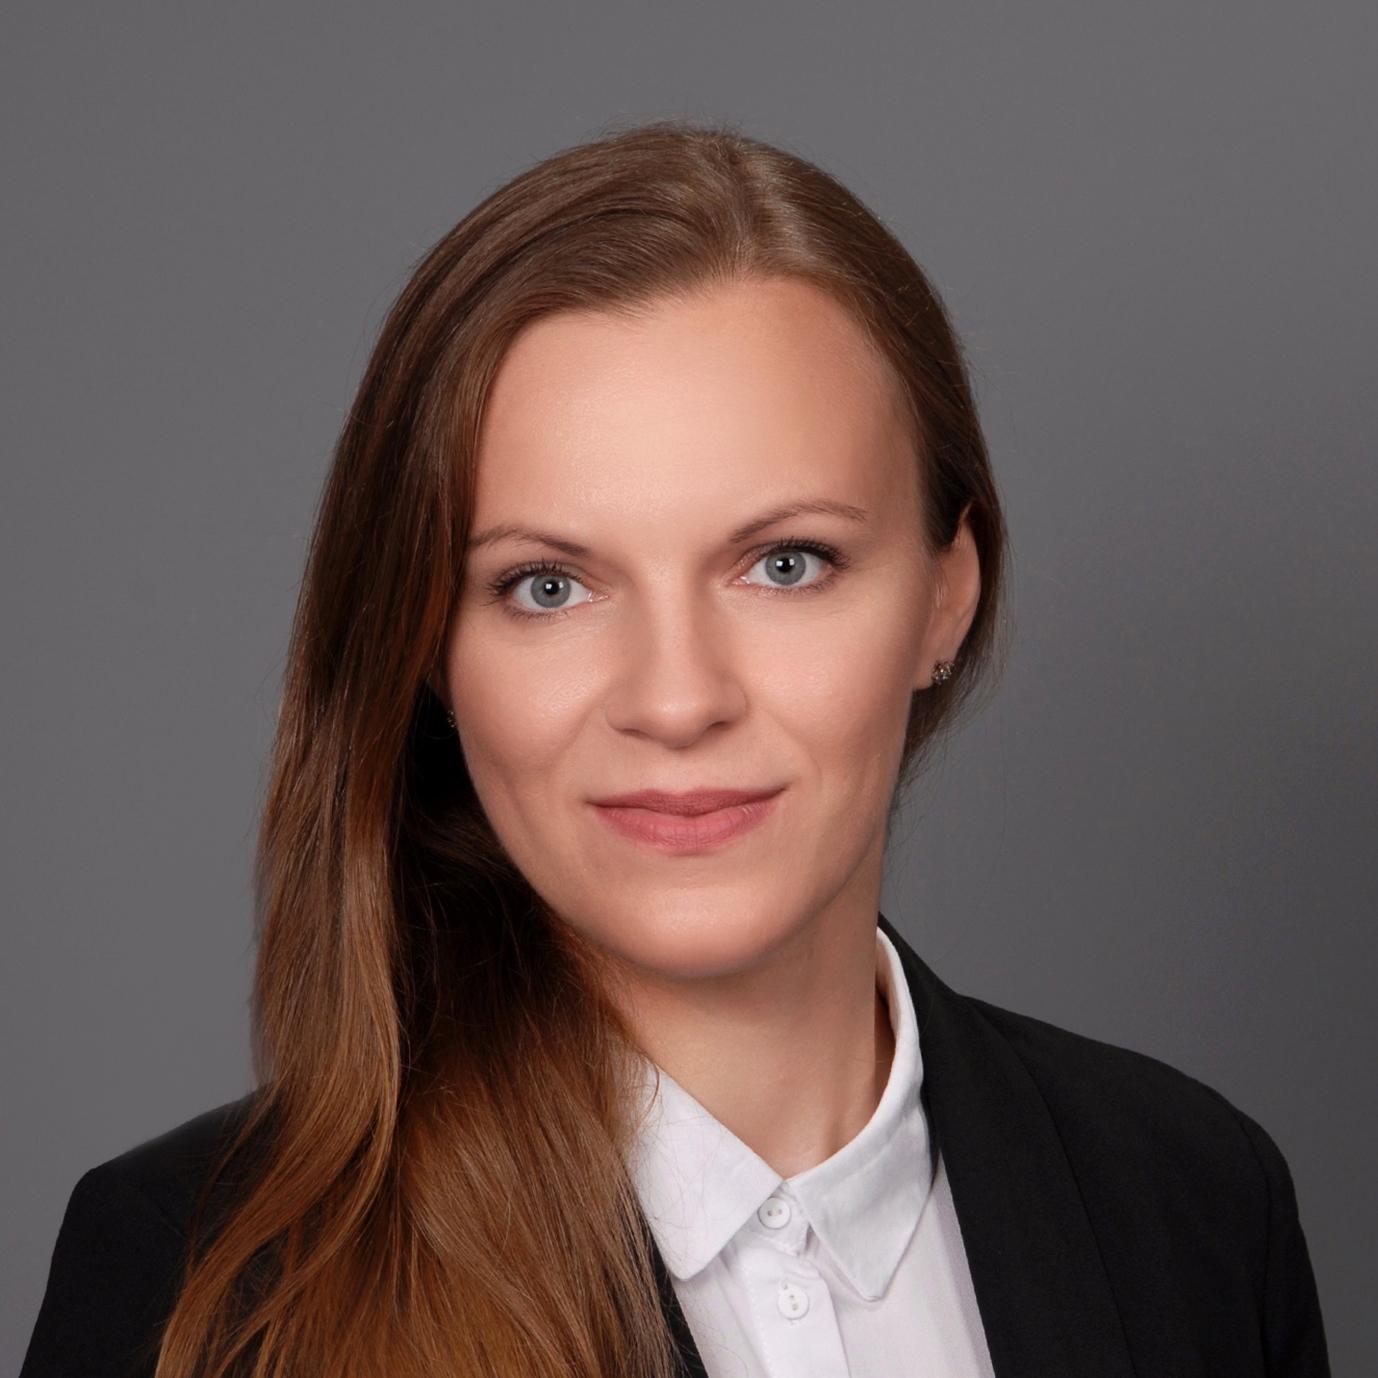 Magdalena Kapitan